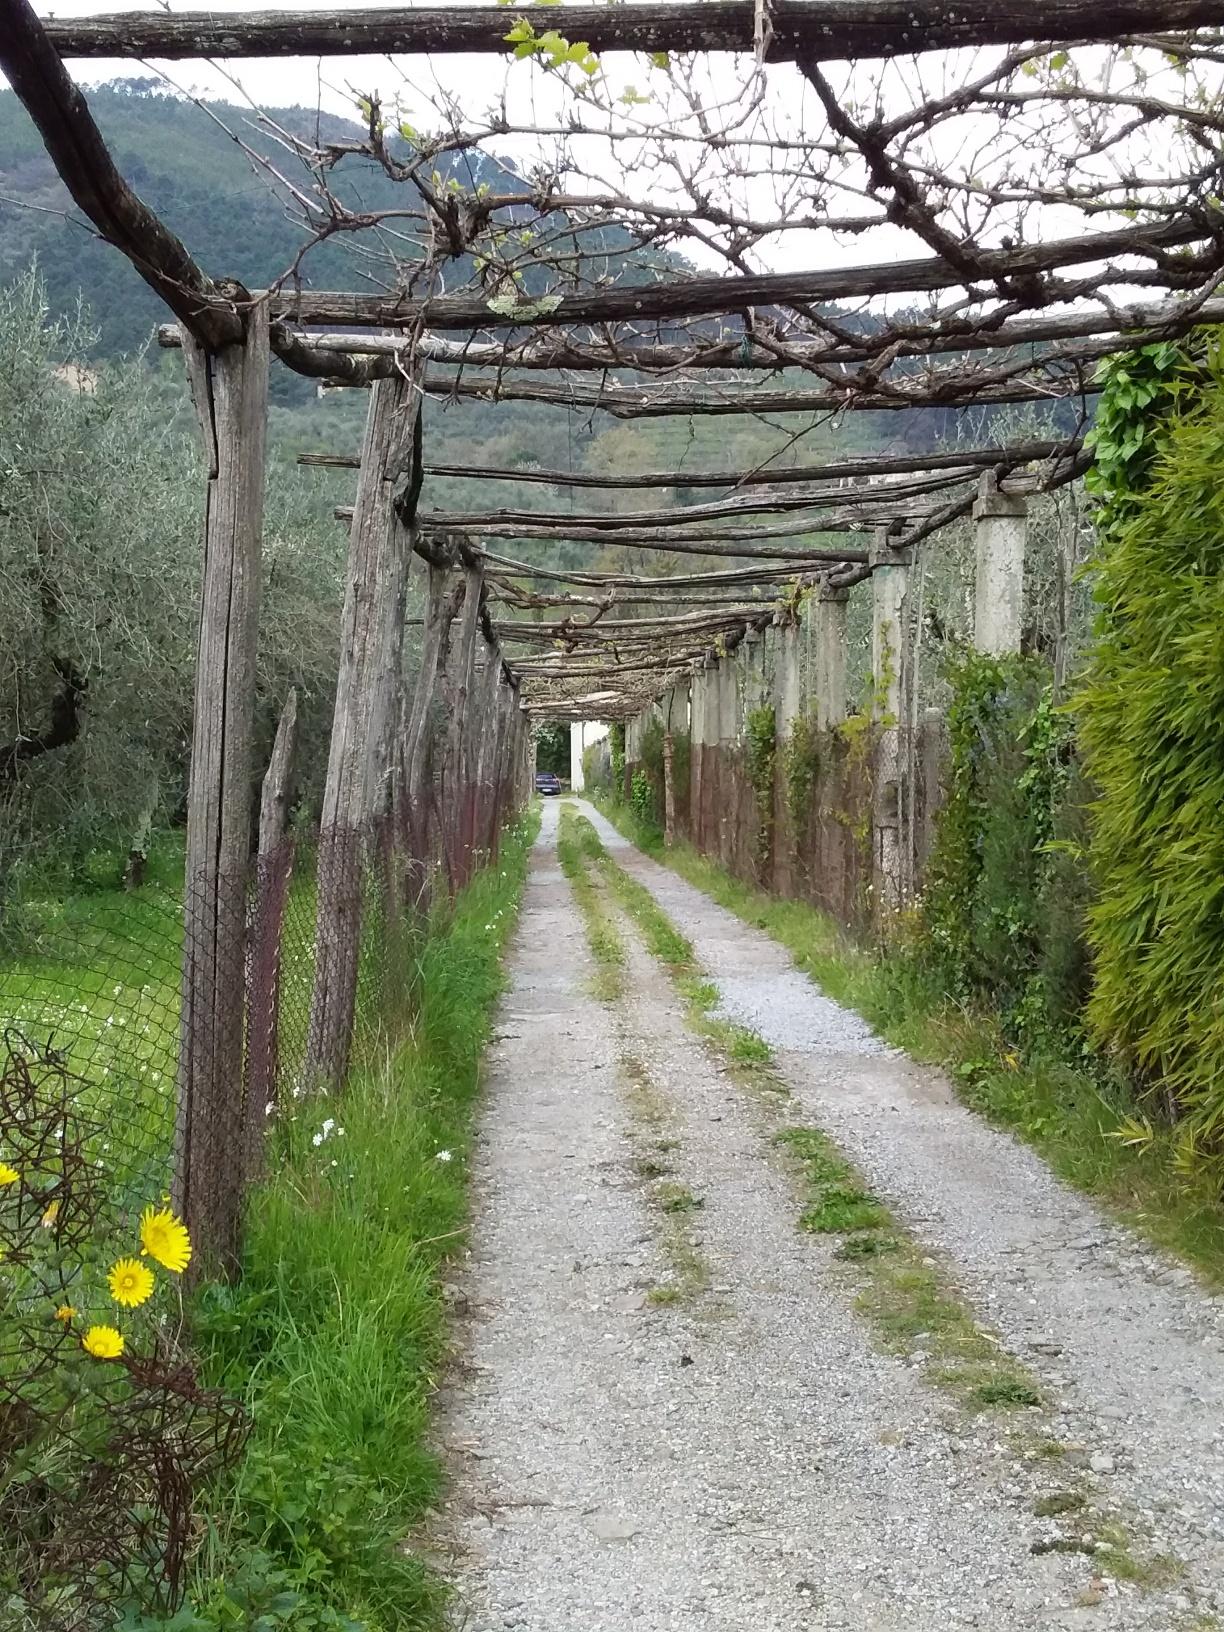 Vorno, Italy